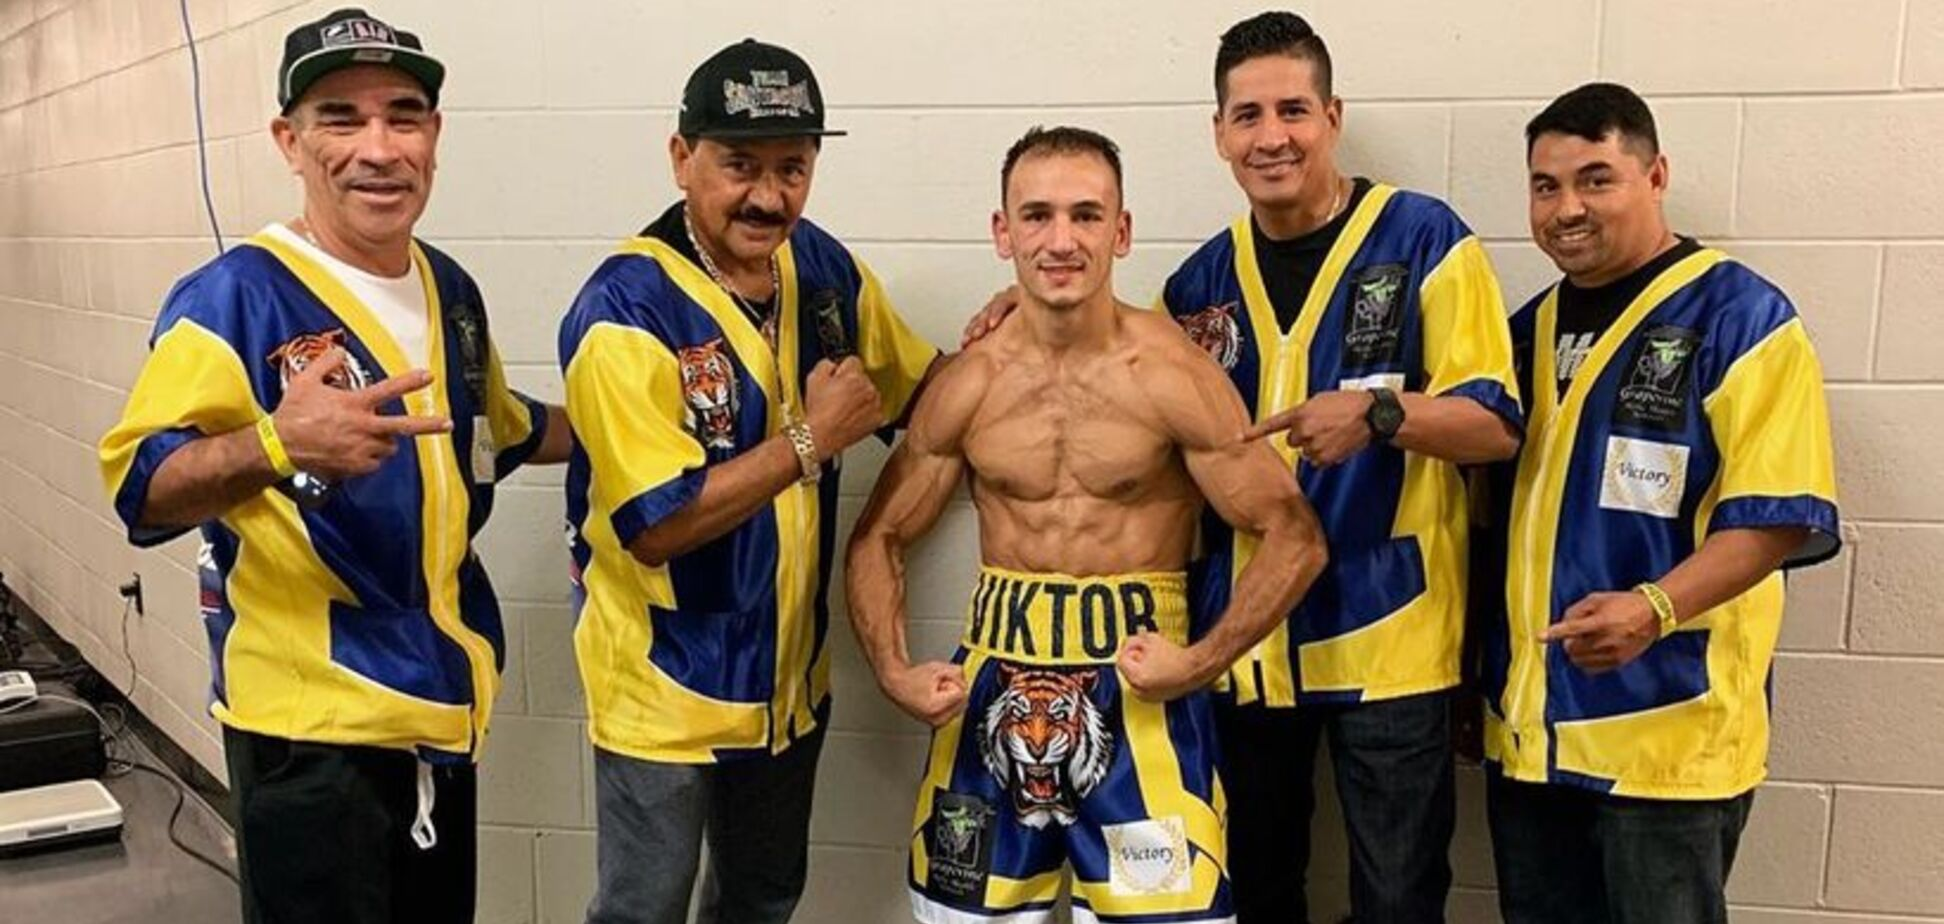 Непереможний український боксер виграв бій потужним нокаутом - опубліковано відео